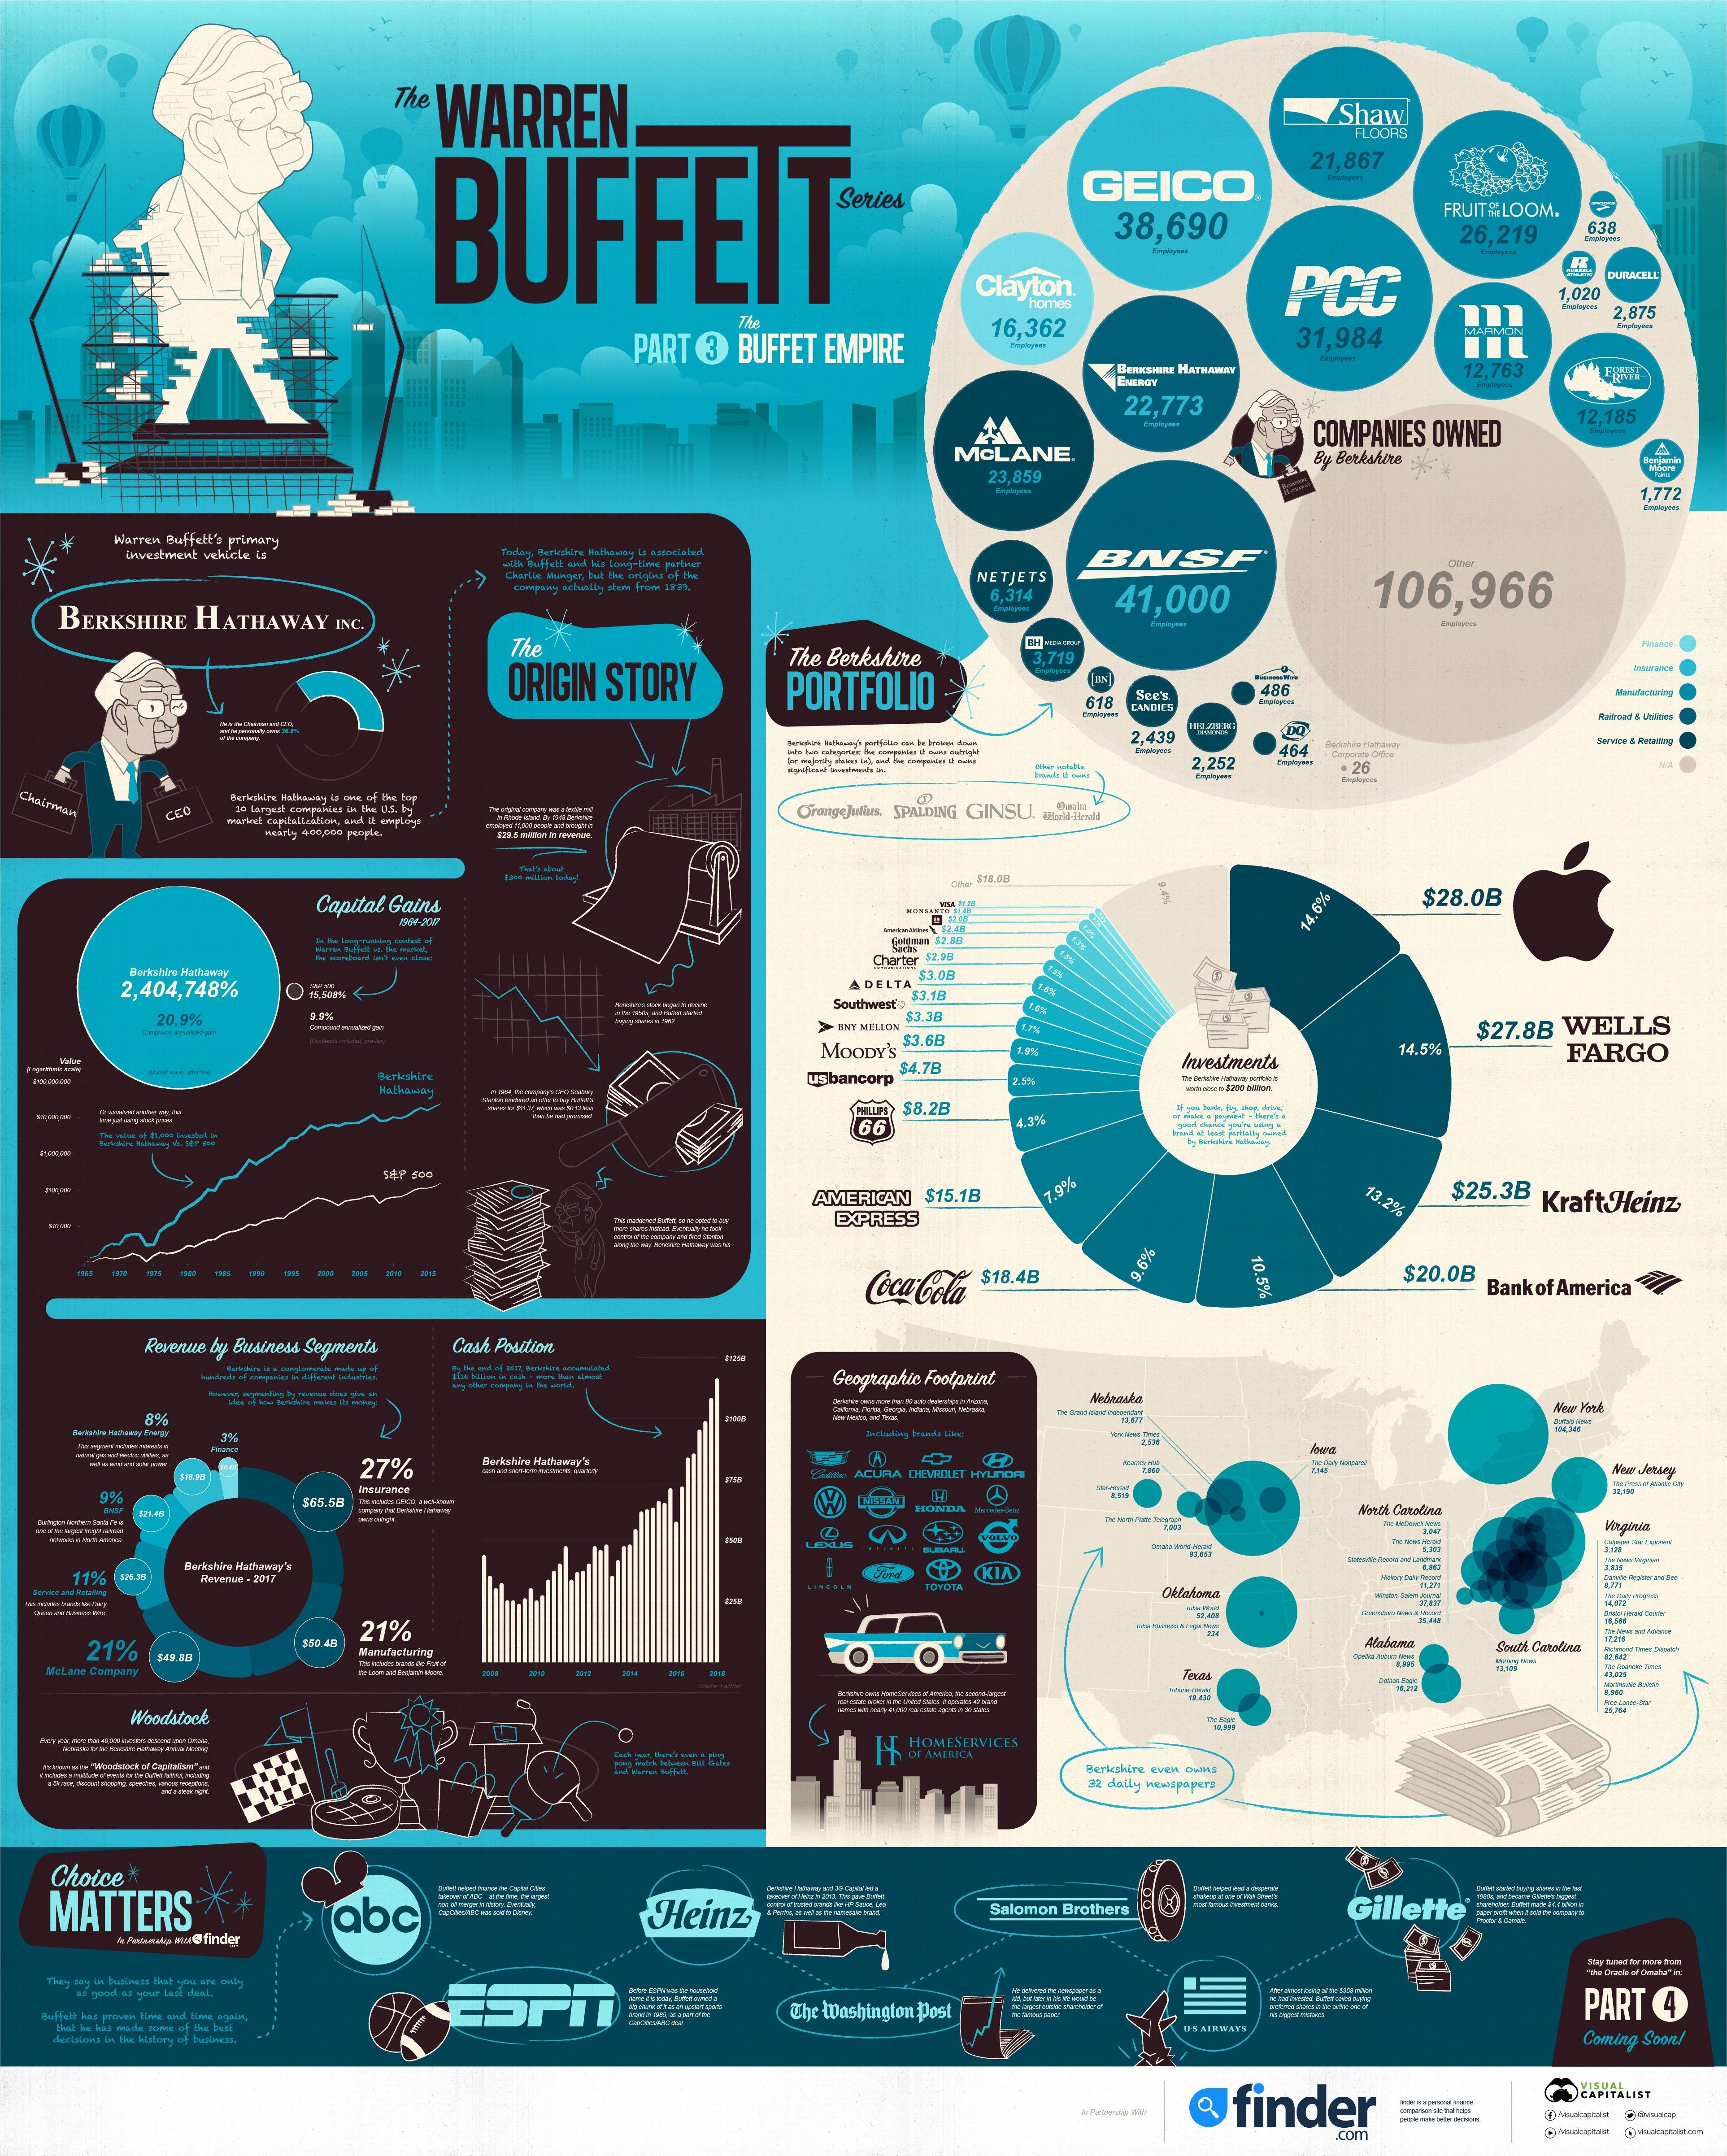 warren-buffett-empire